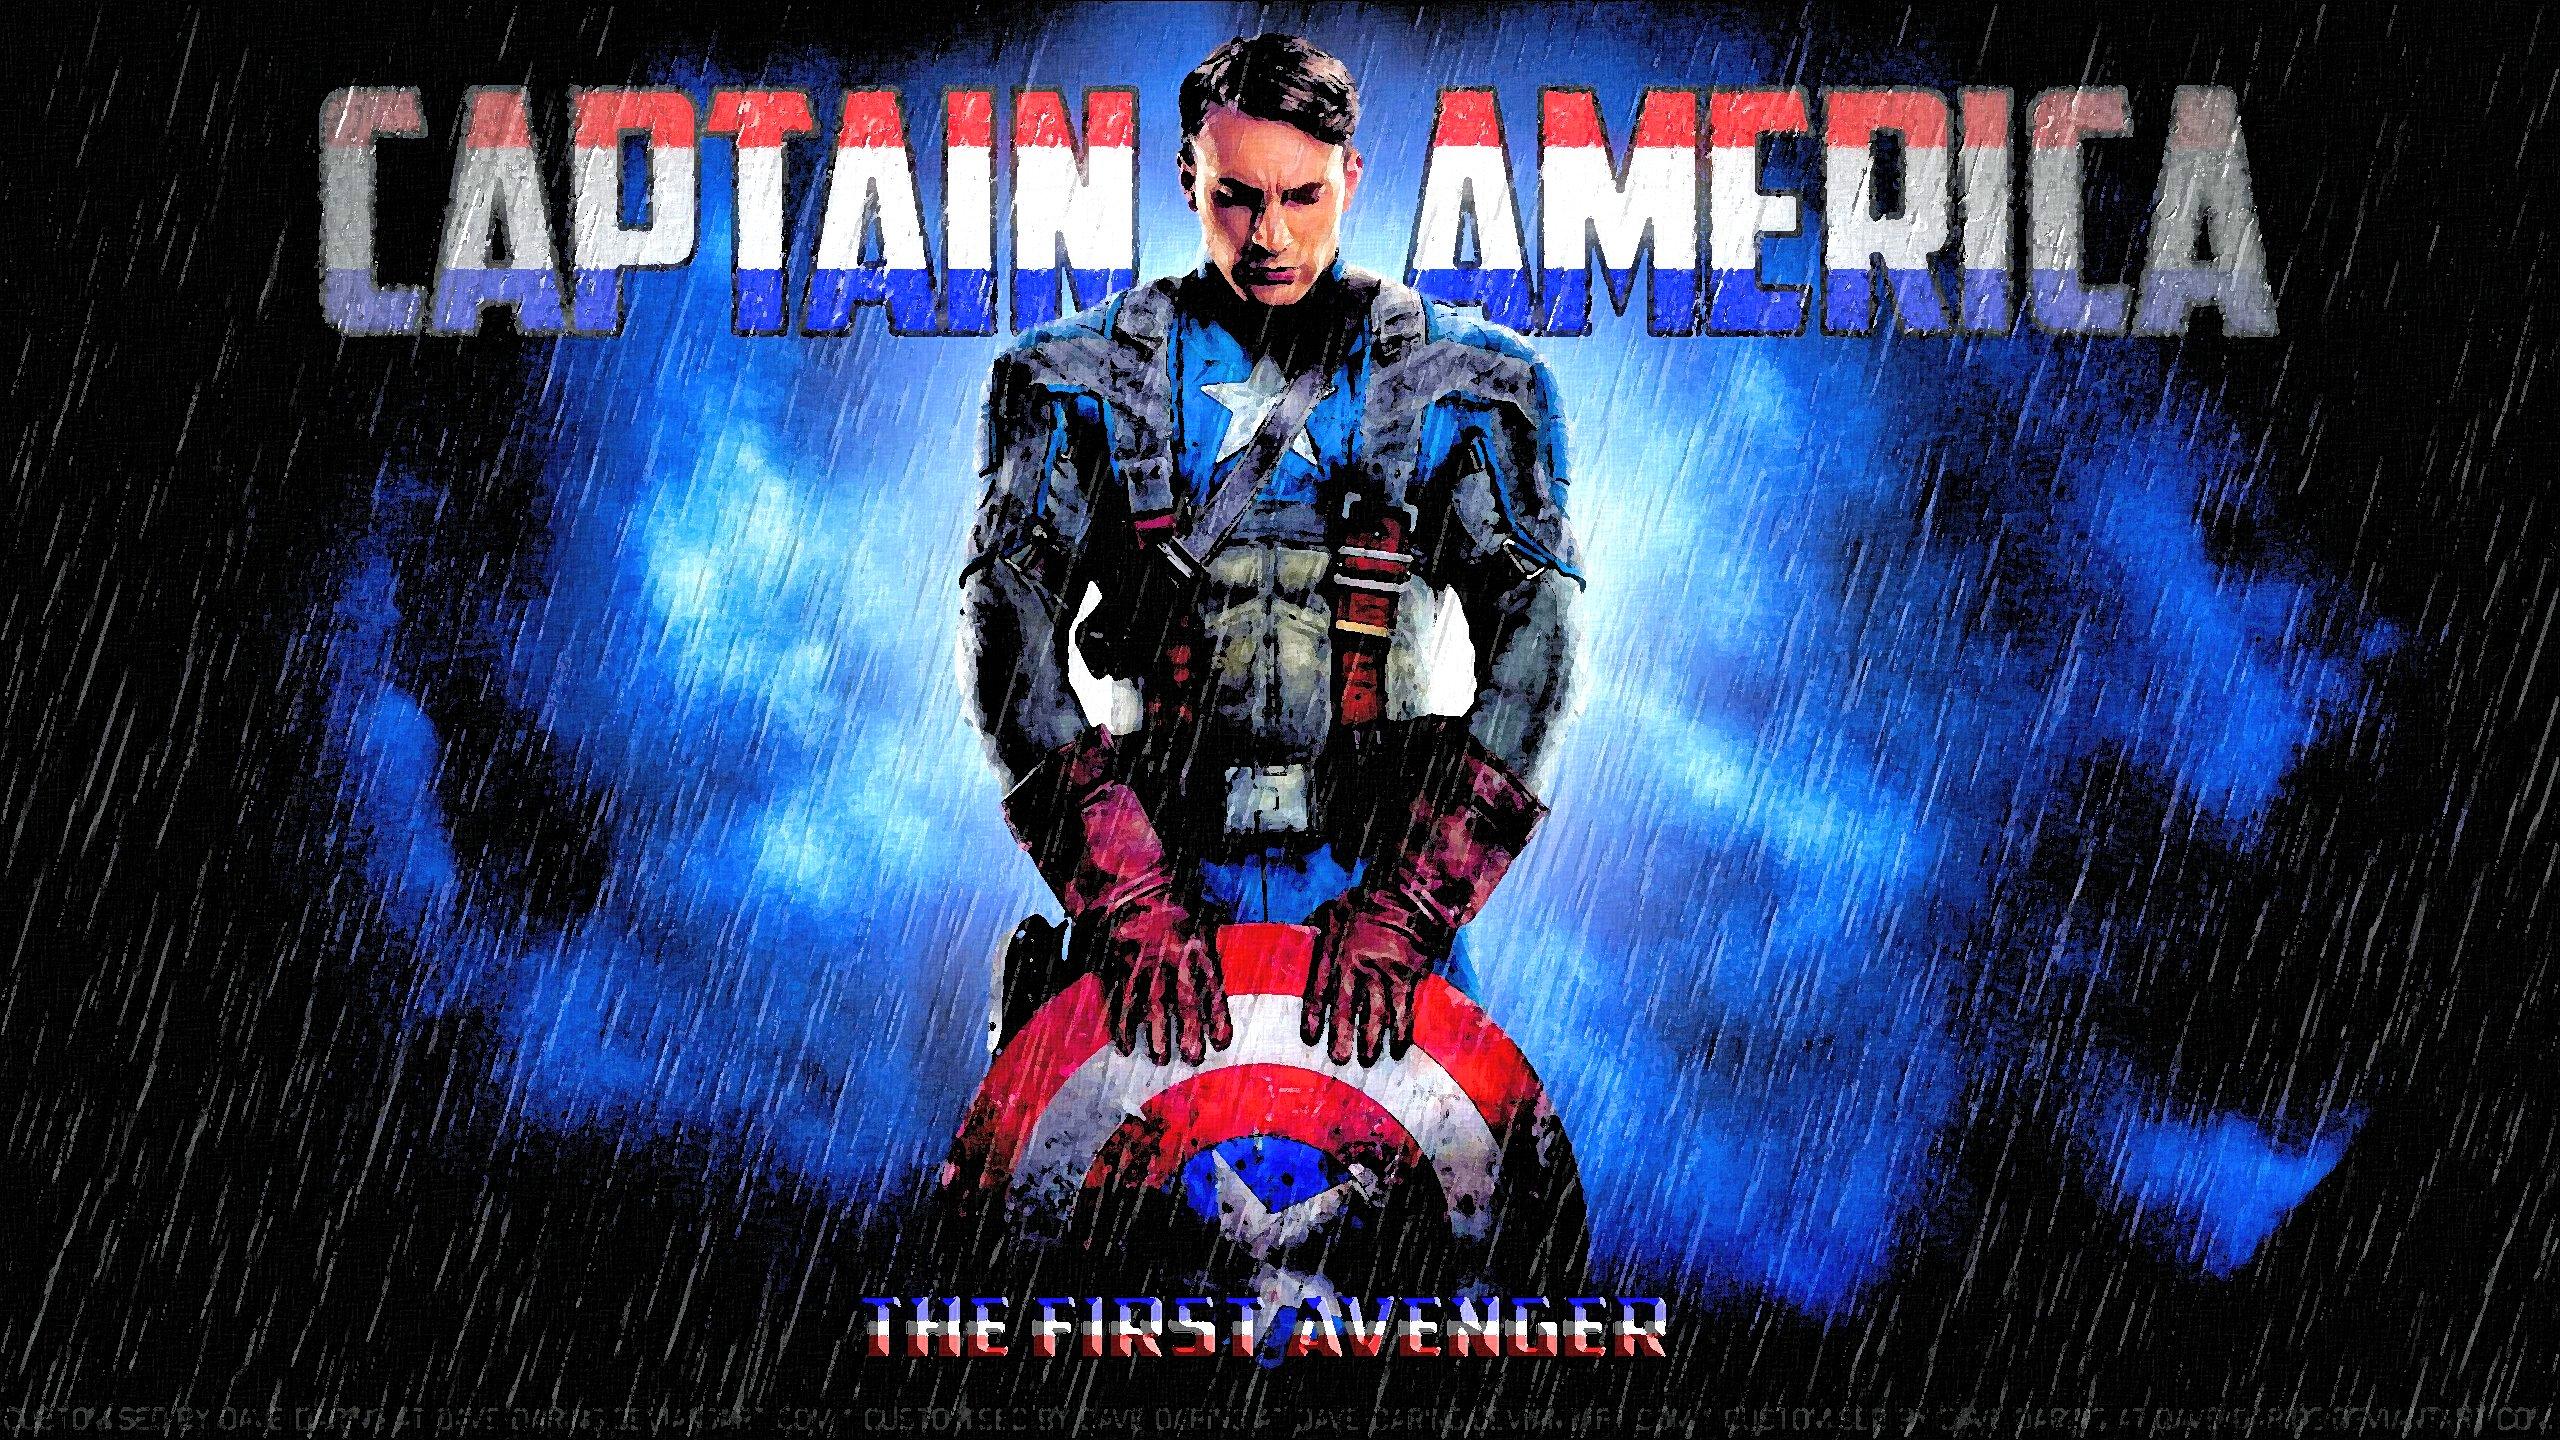 Chris Evans Captain America V 1st Avenger Poster By Dave Daring On